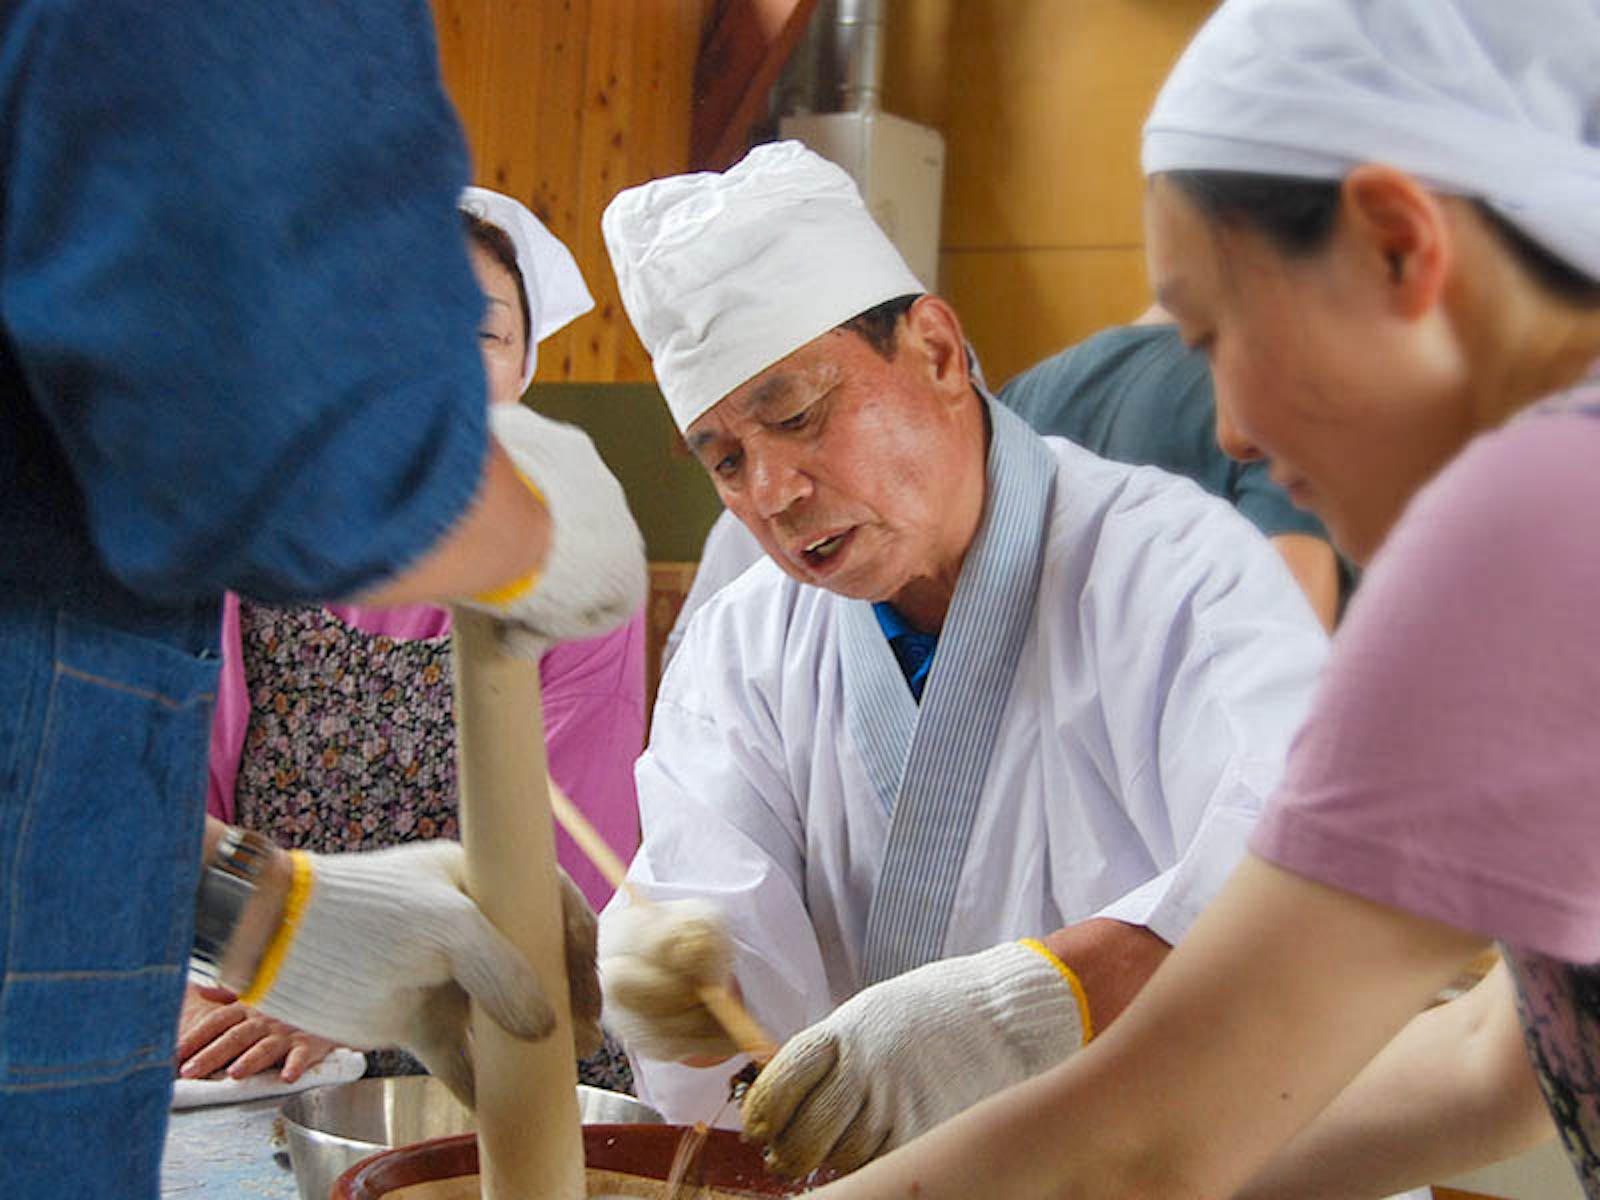 蟹ごし汁づくりは毎年行われる人気ワークショップのひとつ。